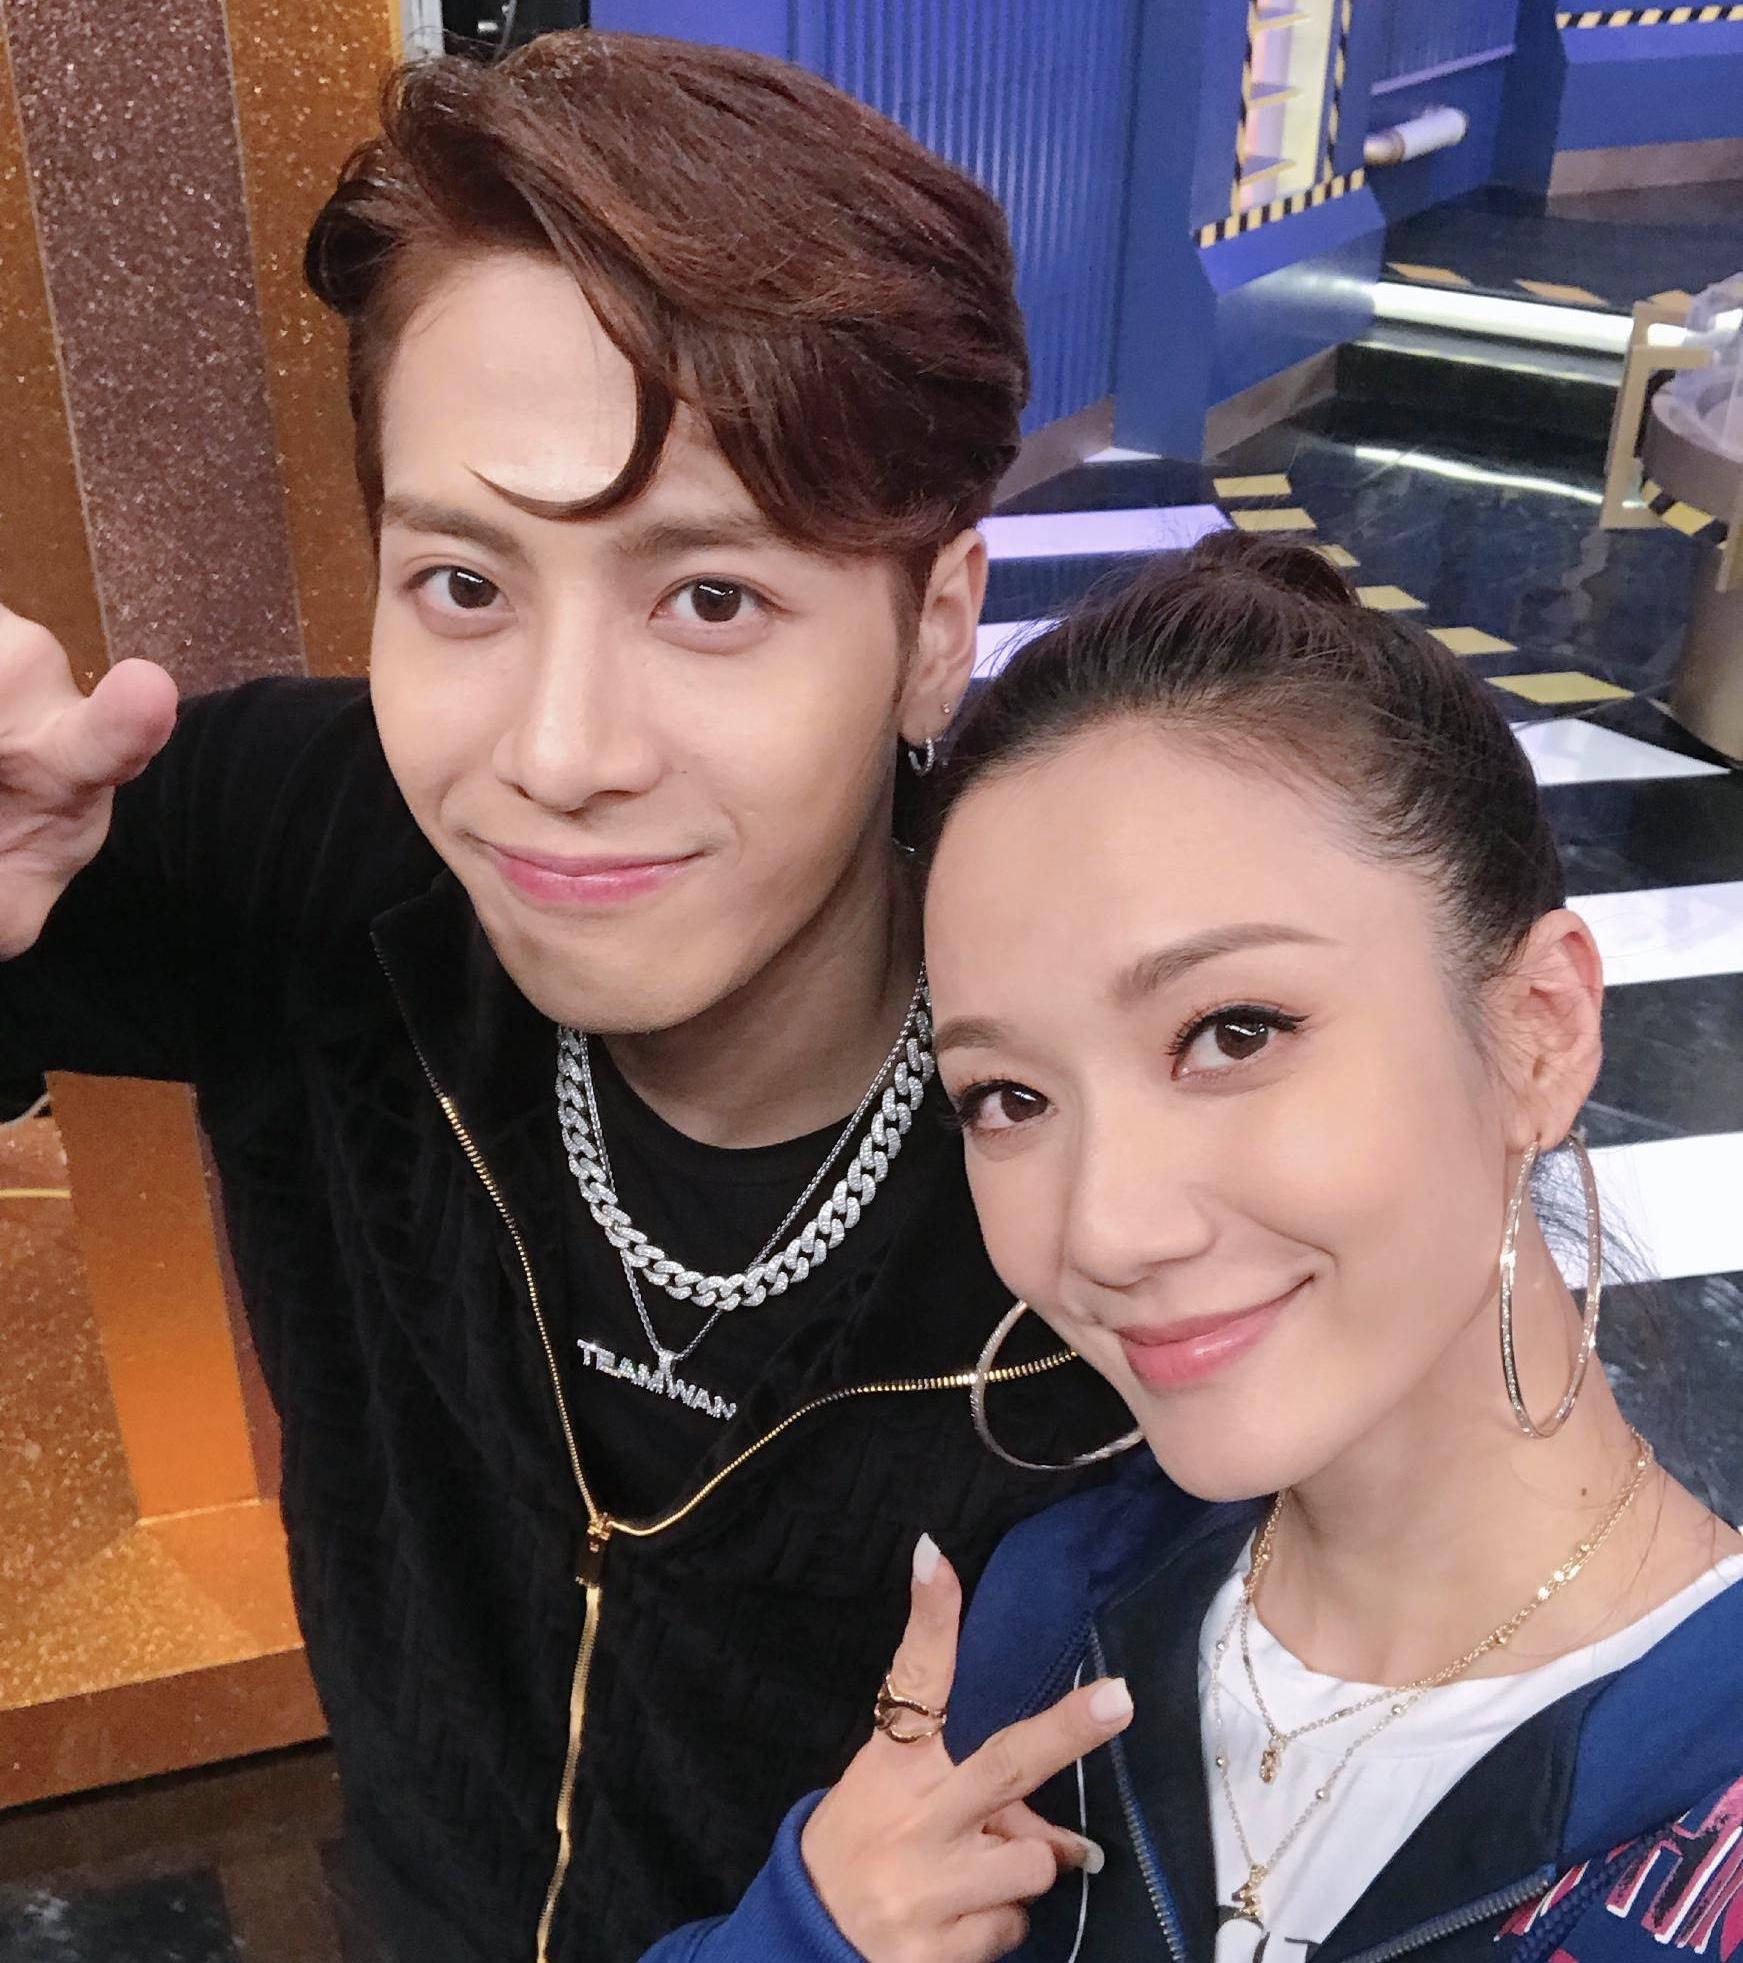 恭喜!TVB高颜值花旦结婚三年宣布开始备孕,计划生一儿一女